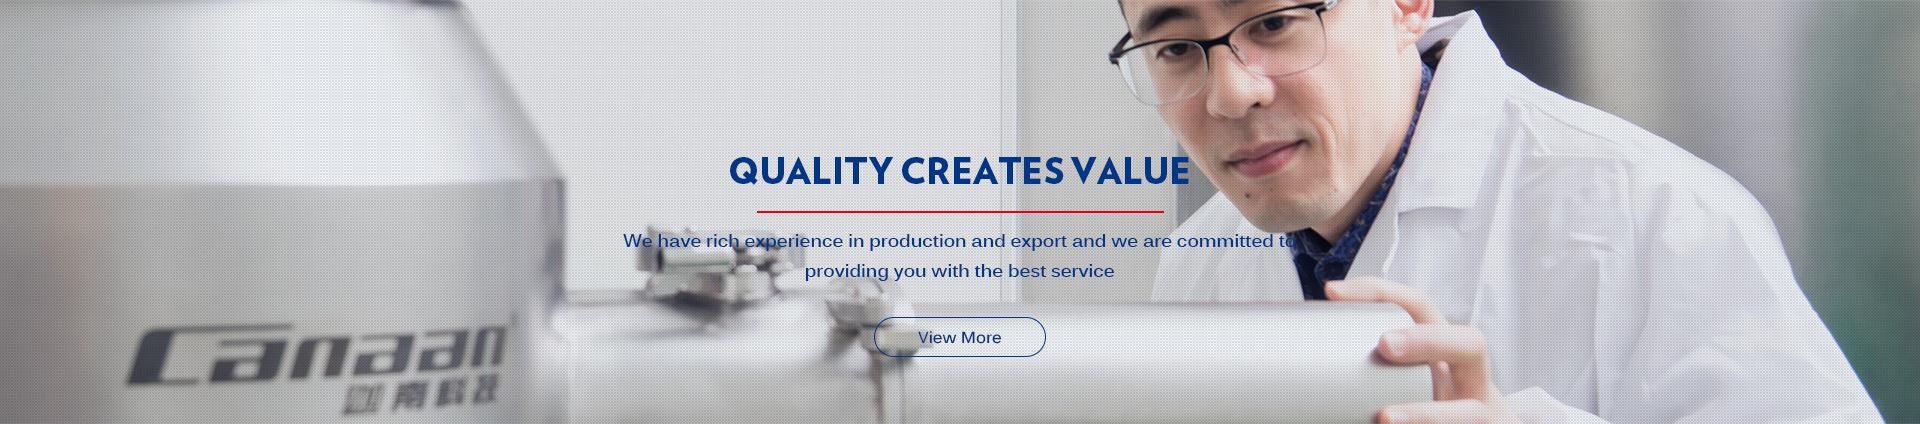 لدينا تجربة غنية في الإنتاج والتصدير، نعد لكم سمعة جيدة وجودة عالية الخدمة!